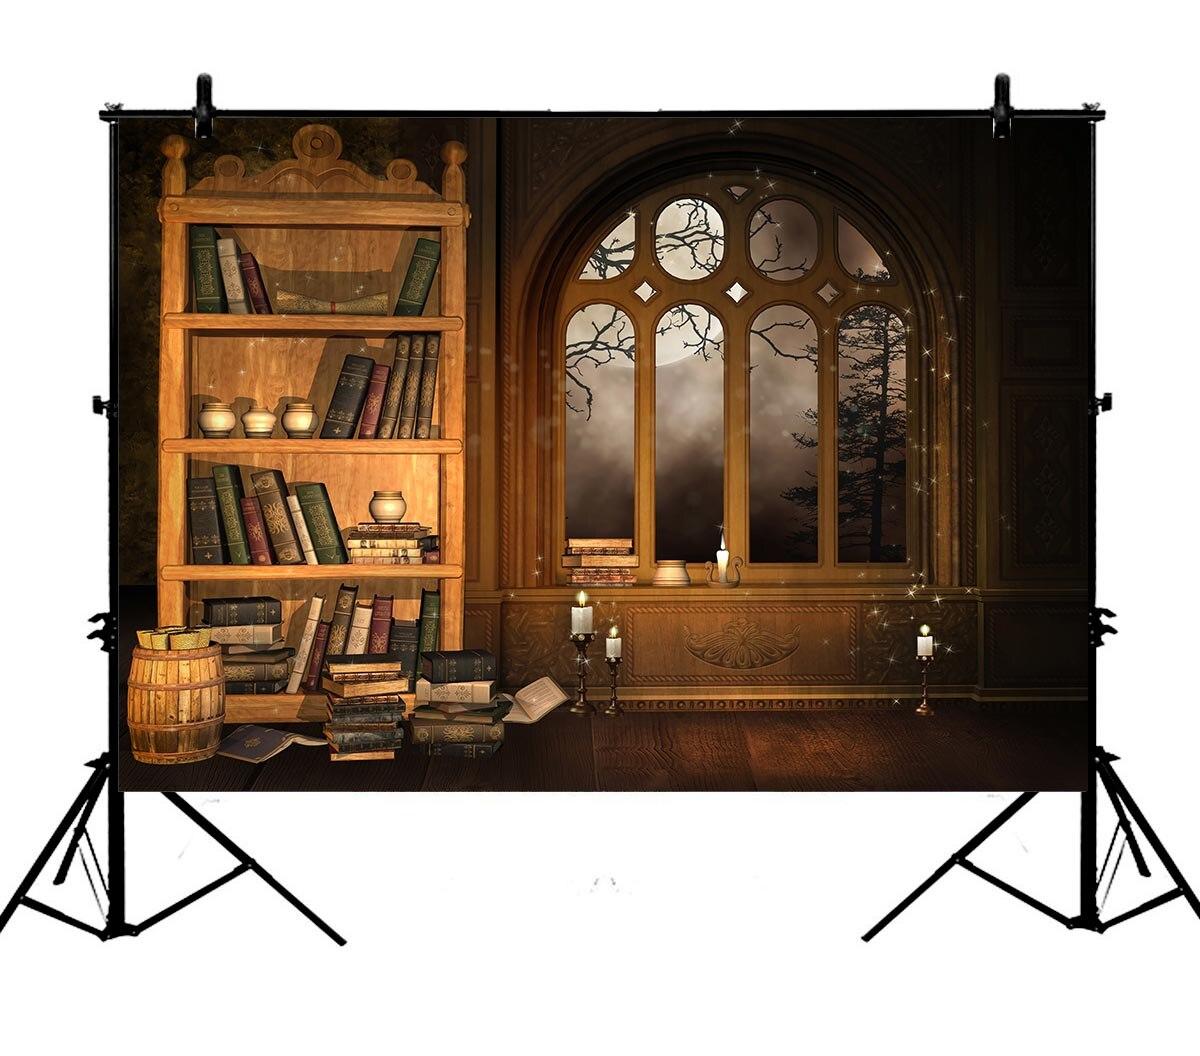 5x7ft européenne rétro bibliothèque bibliothèque étude murale Polyester Photo arrière-plan Portrait toile de fond